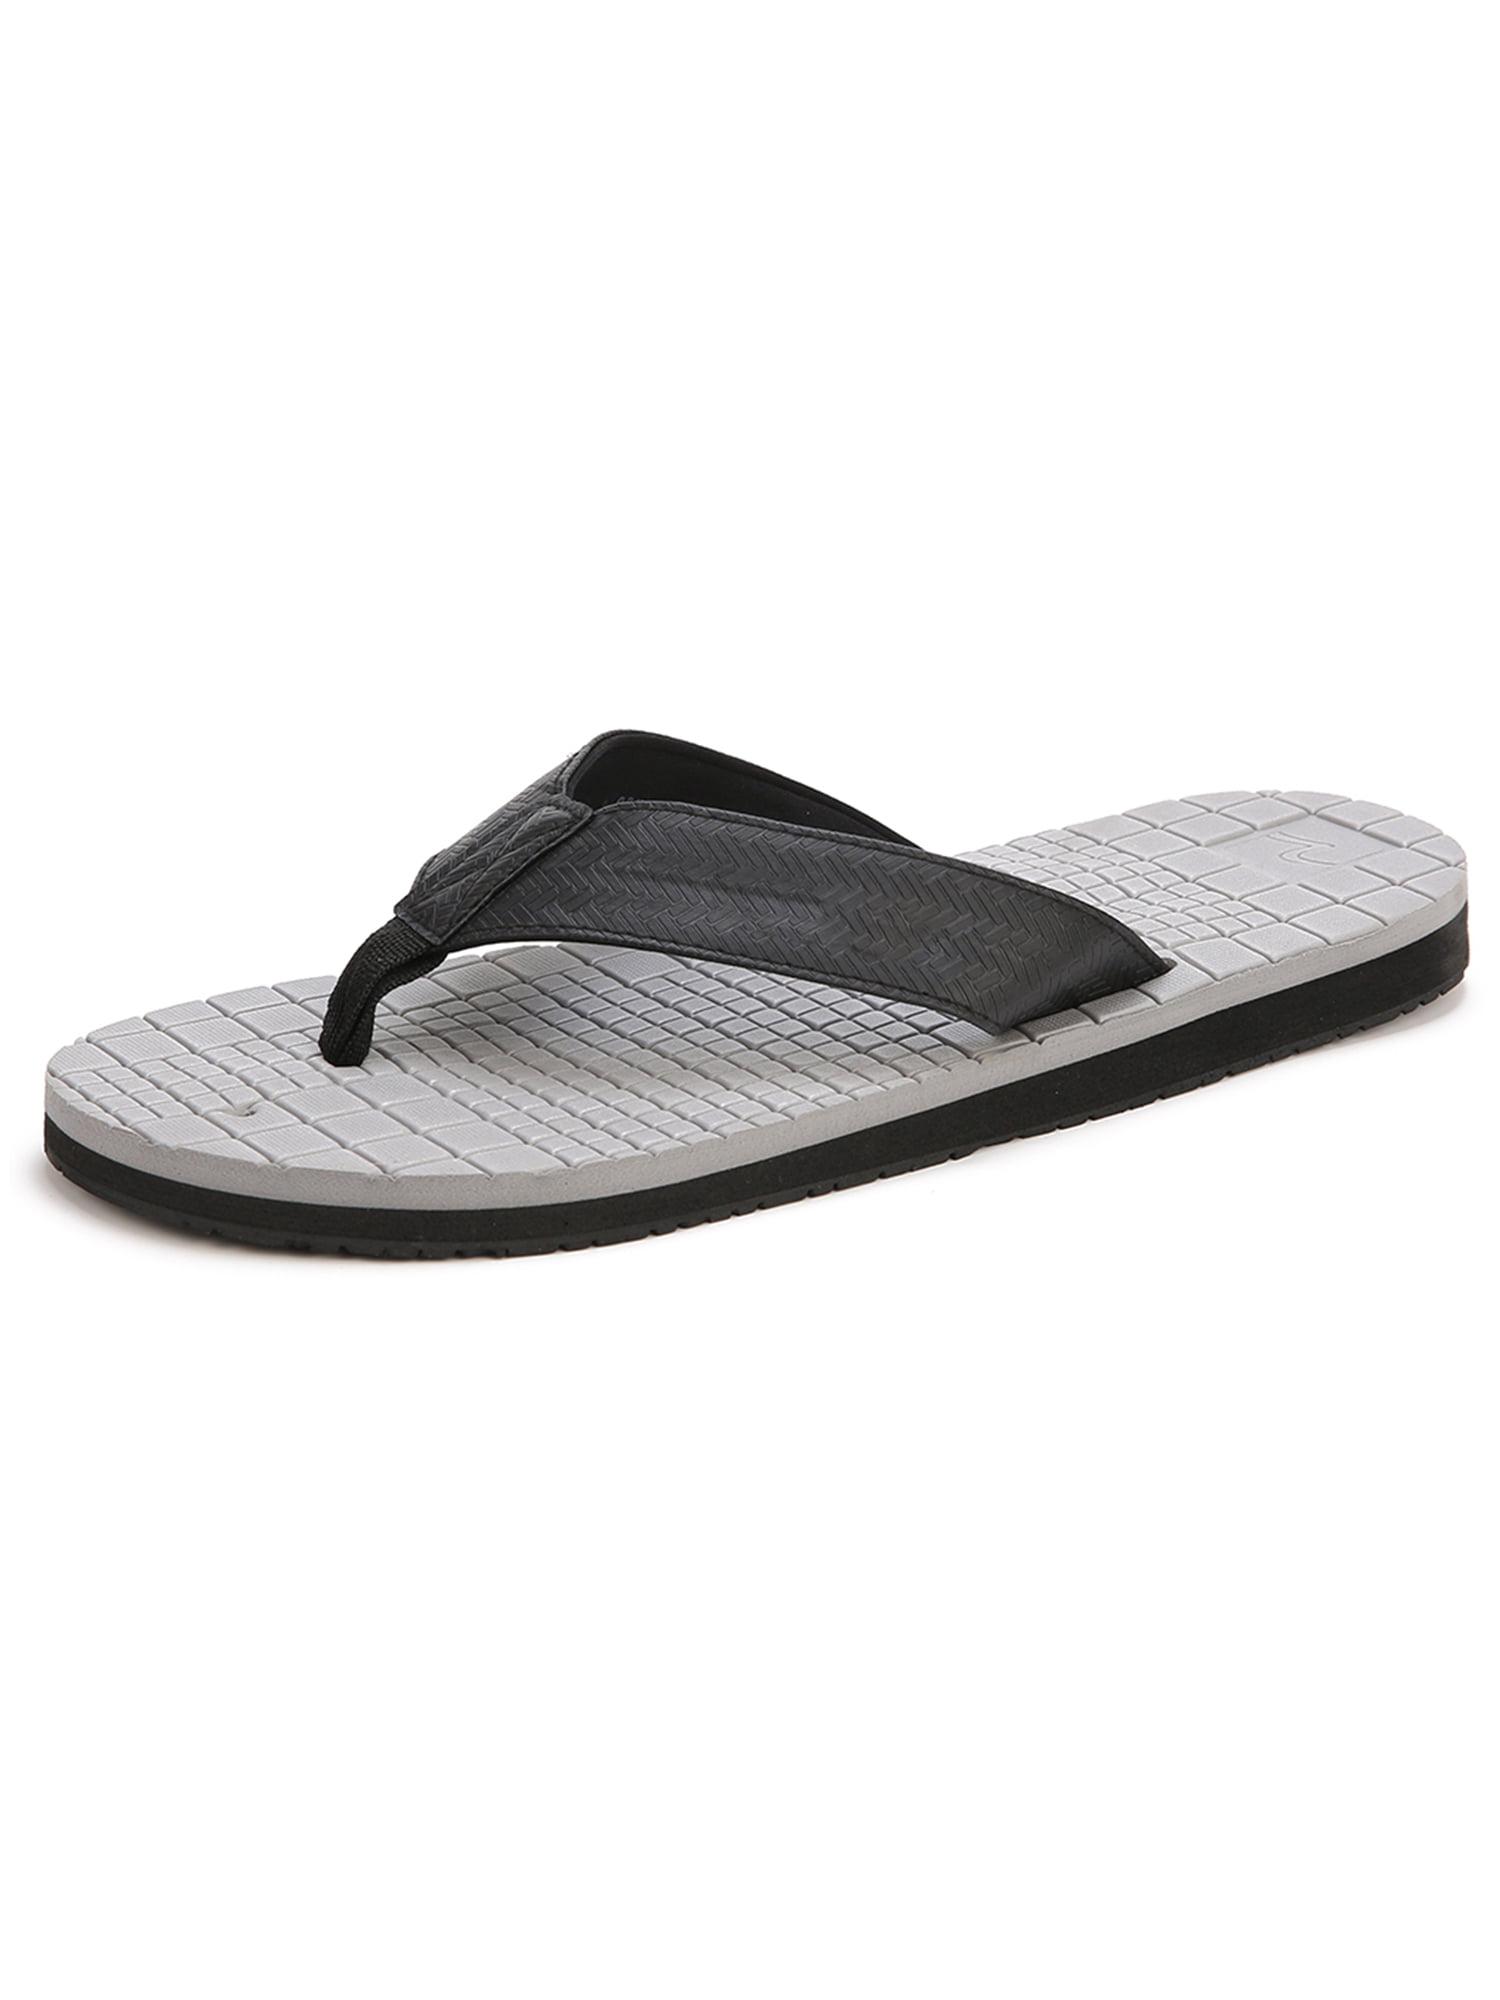 Men Flip Flop Thong Sandals Comfort Casual Lightweight beach Slippers